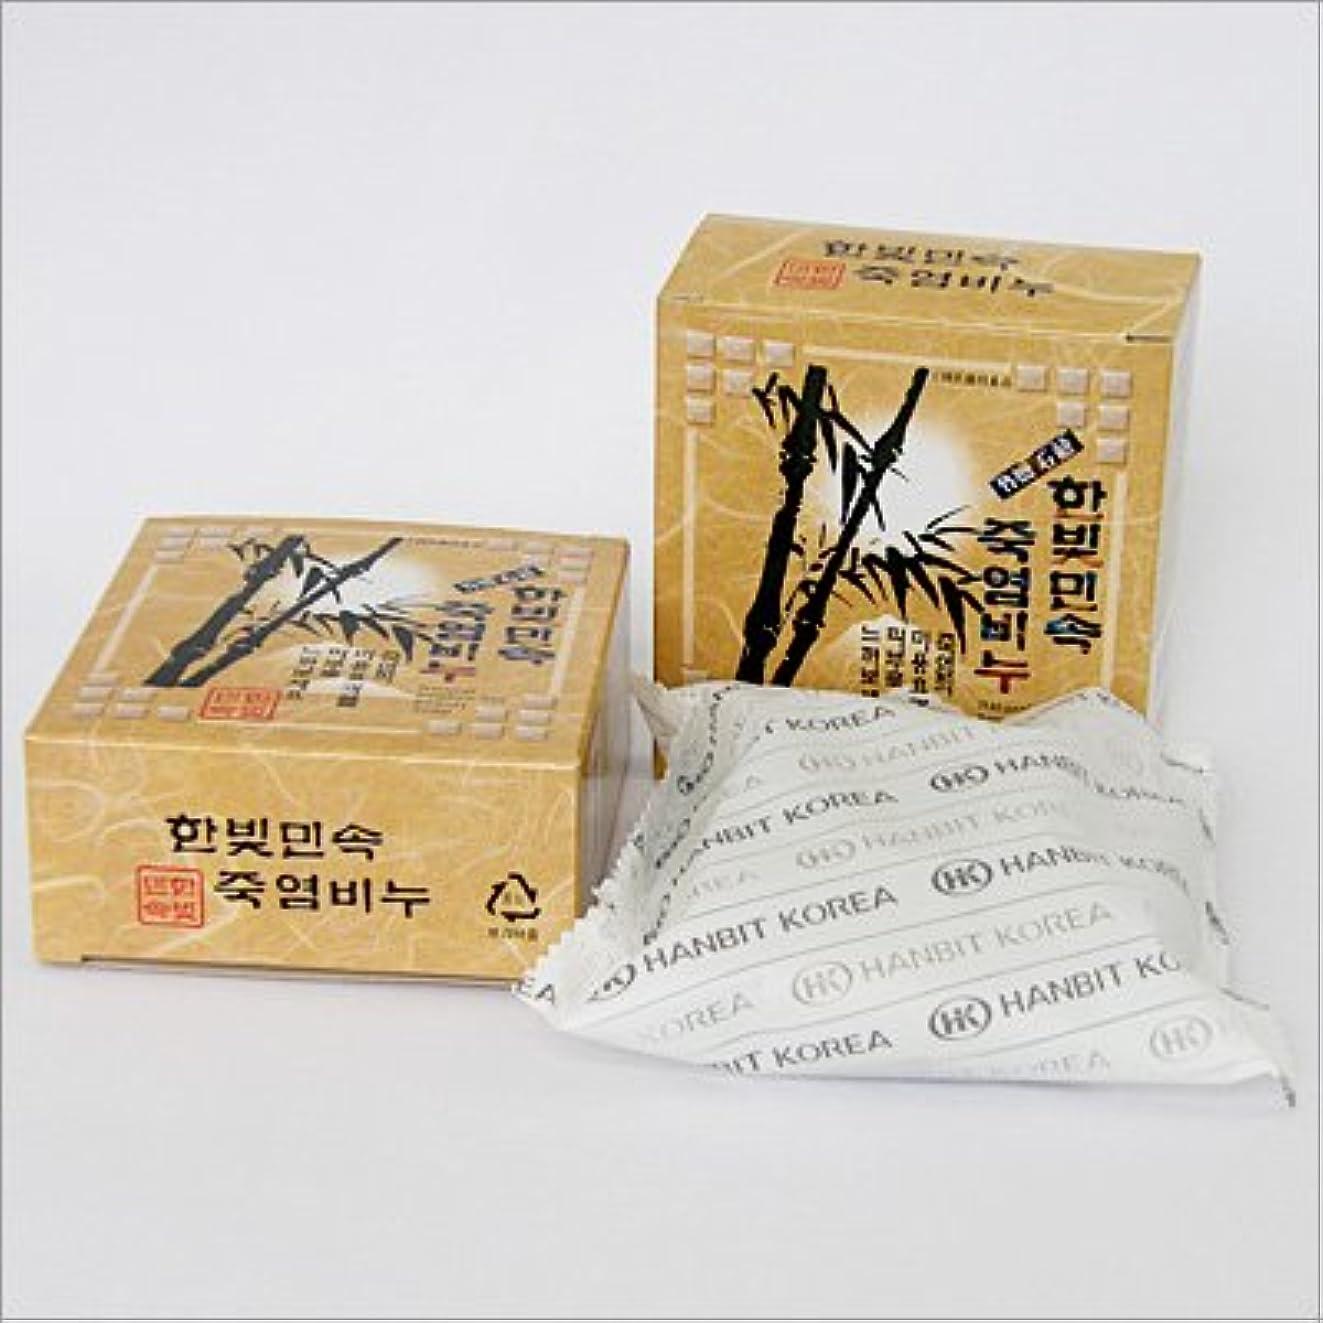 薬局オーガニック皮肉(韓国ブランド) 韓国直輸入』竹塩石鹸(3個×5セット)